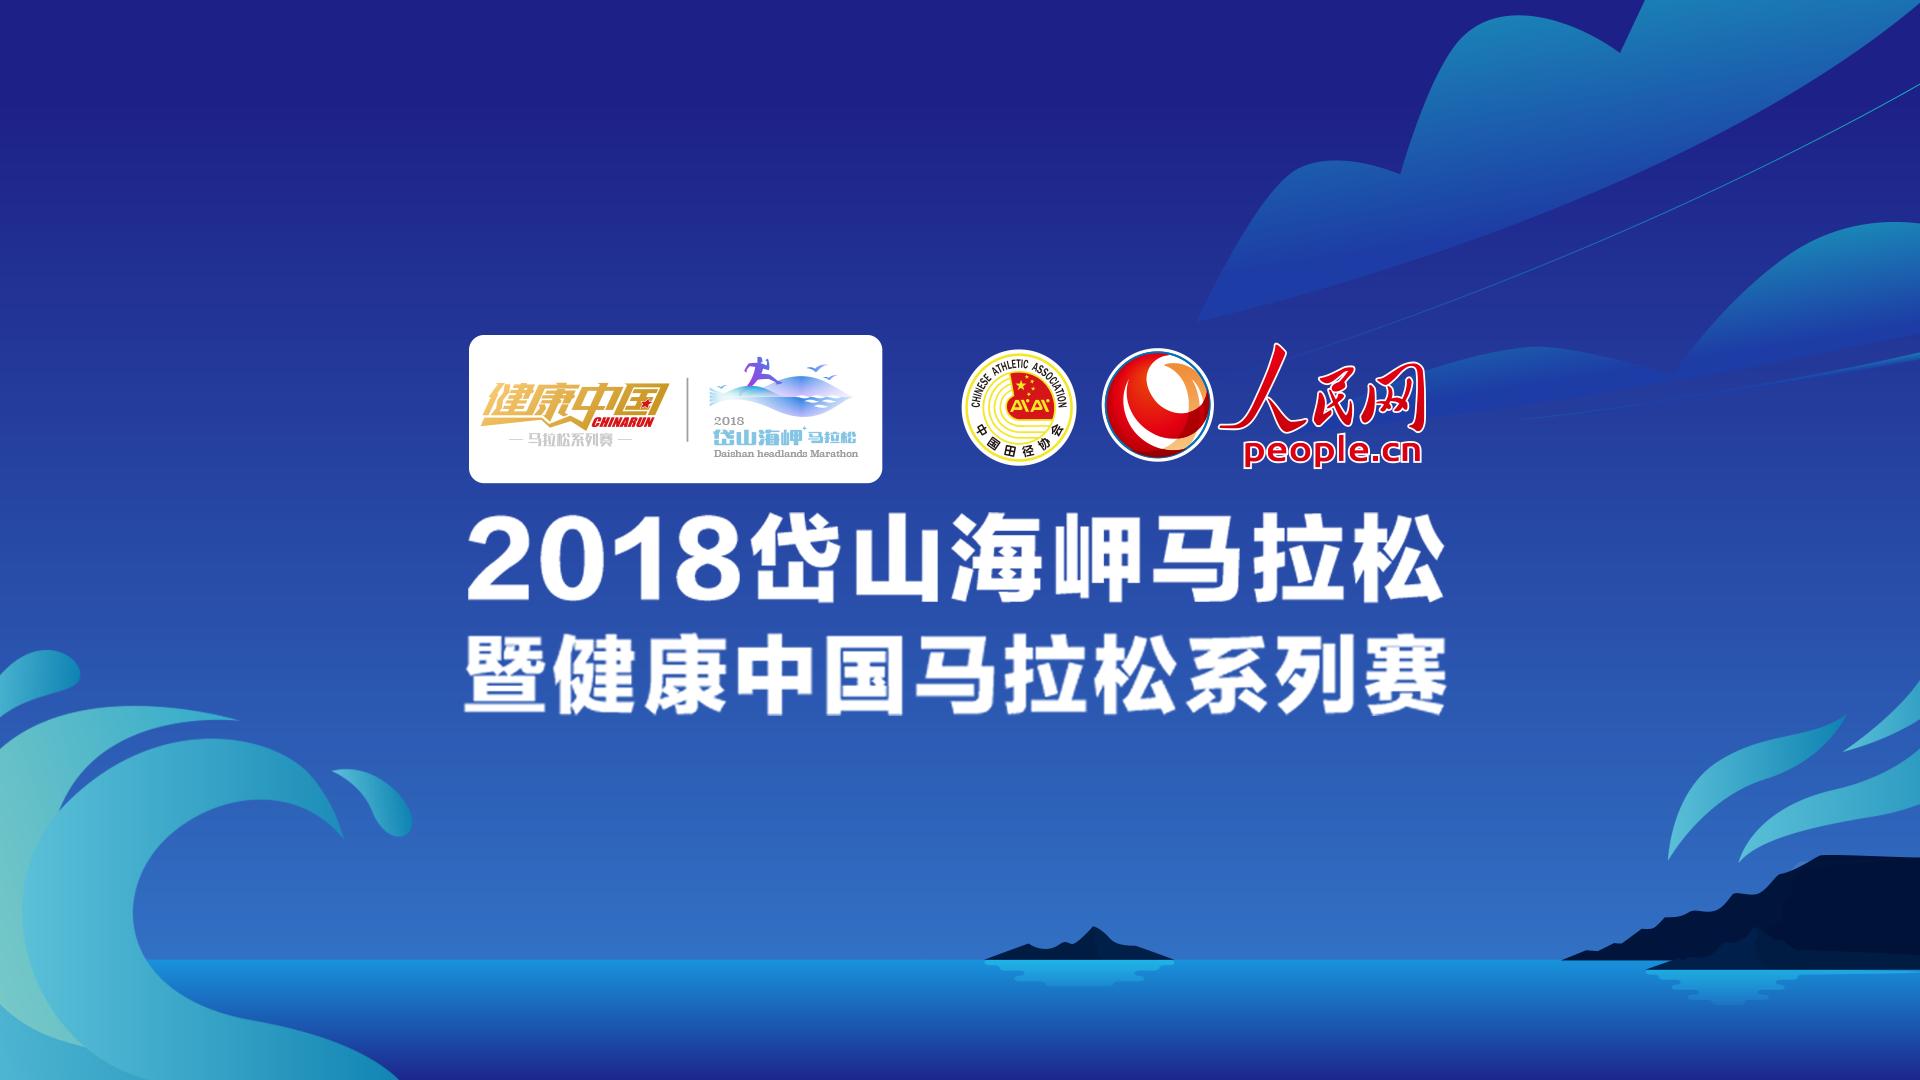 2018岱山海岬马拉松赛暨健康中国马拉松系列赛